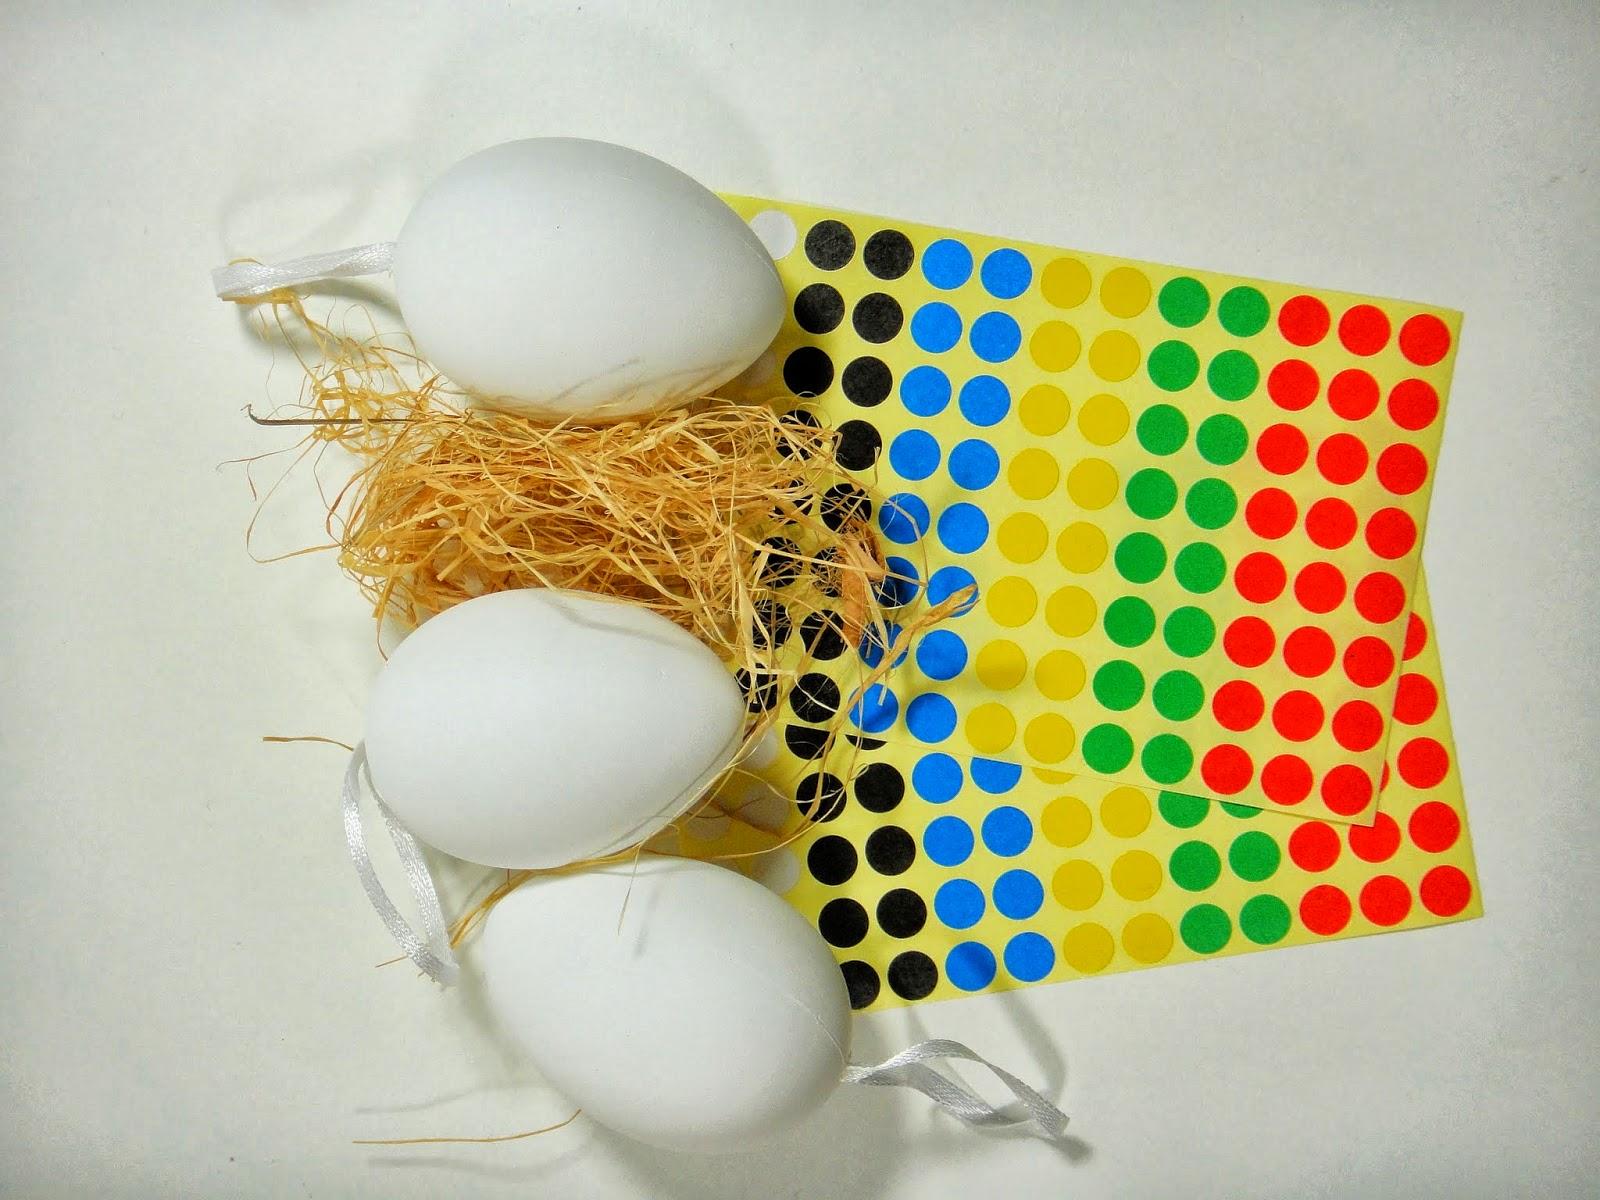 Klebepunkte Werden Jetzt Farblich Sortiert In Regelmäßigen Abständen Auf Das Ei Geklebt Und Fertig Ist Osterei Macht Den Kleinen Spaß